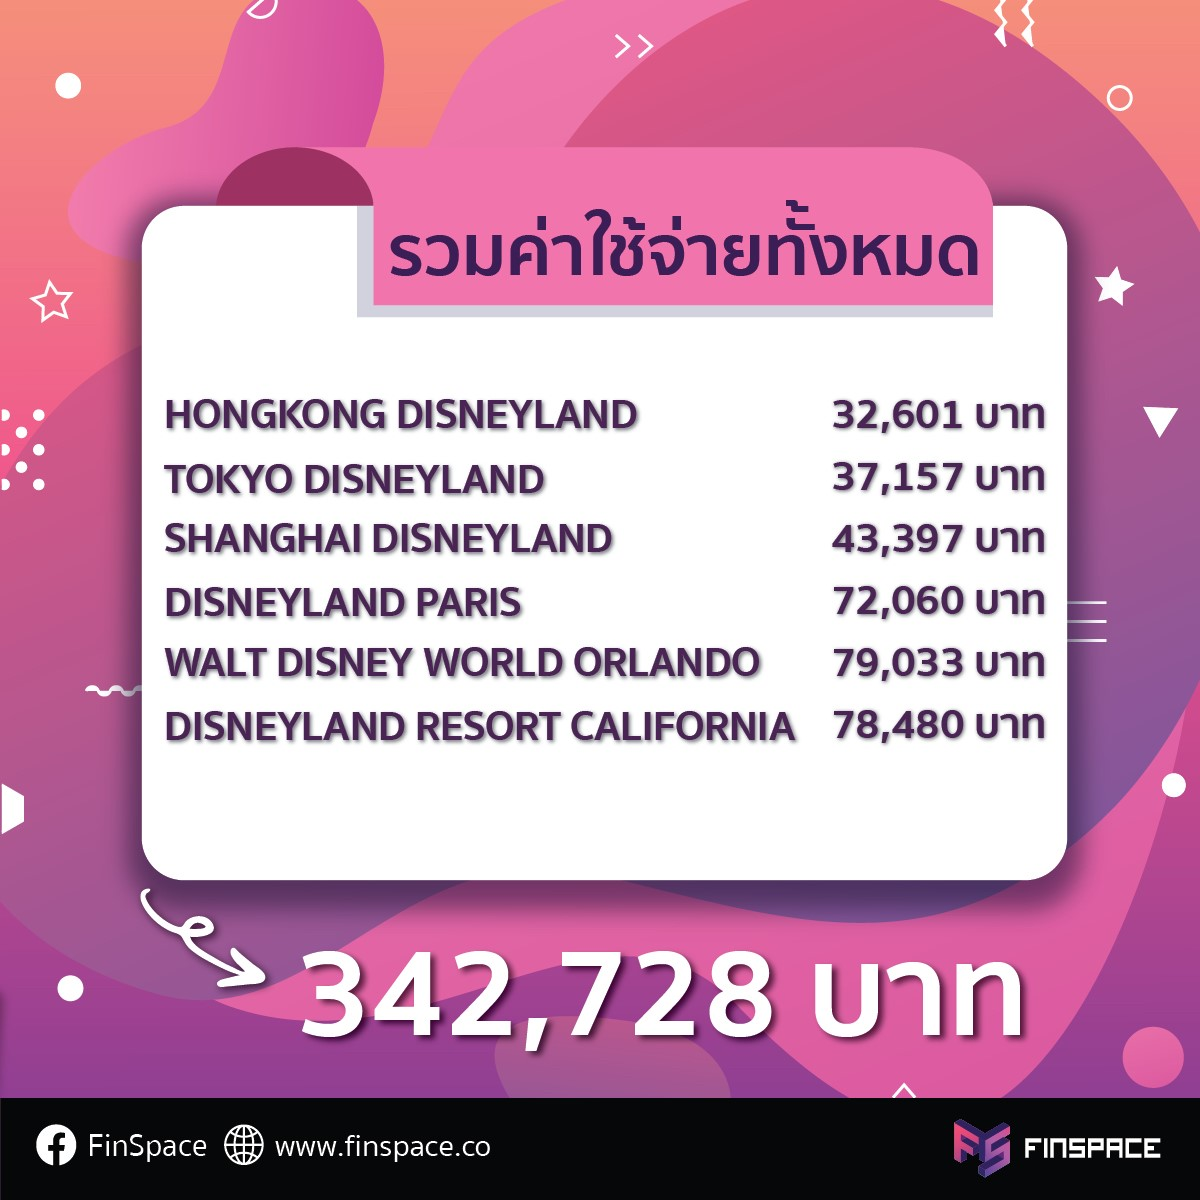 ค่าใช้จ่ายไปเที่ยว Disneyland